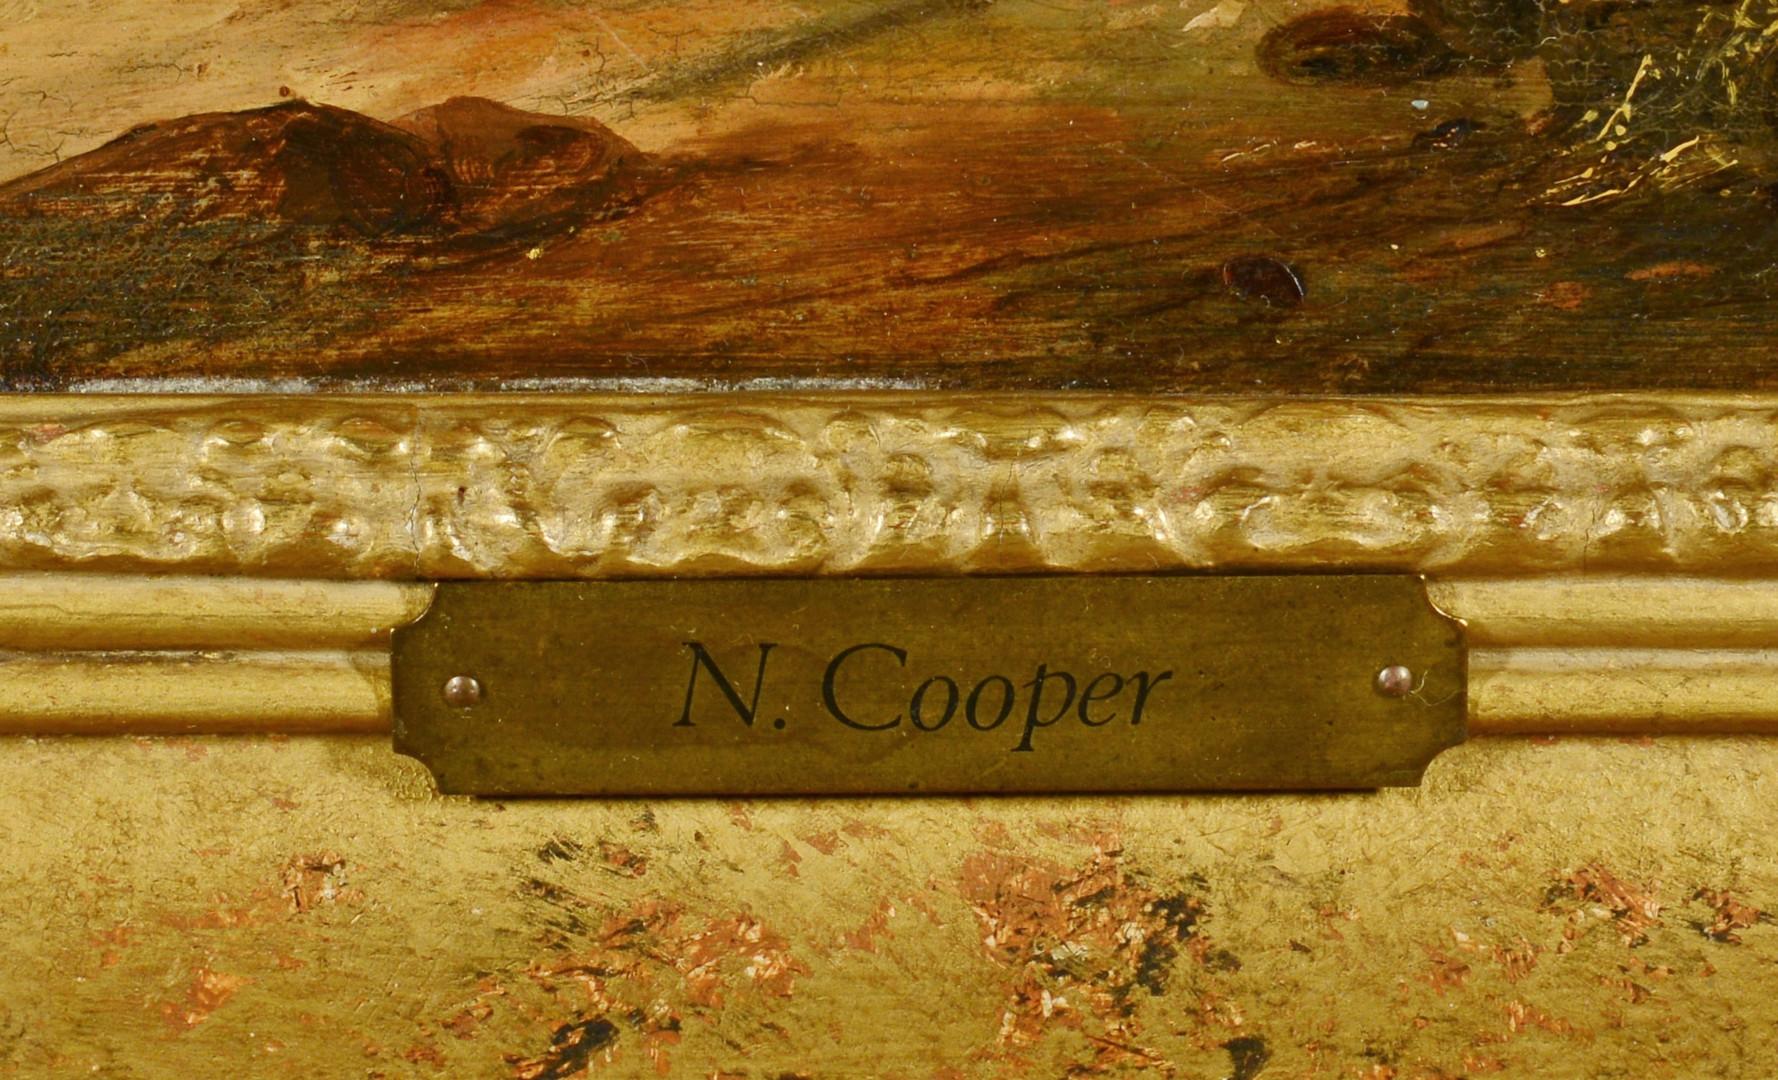 Lot 60: N. Cooper o/b Seascape, 19th c.